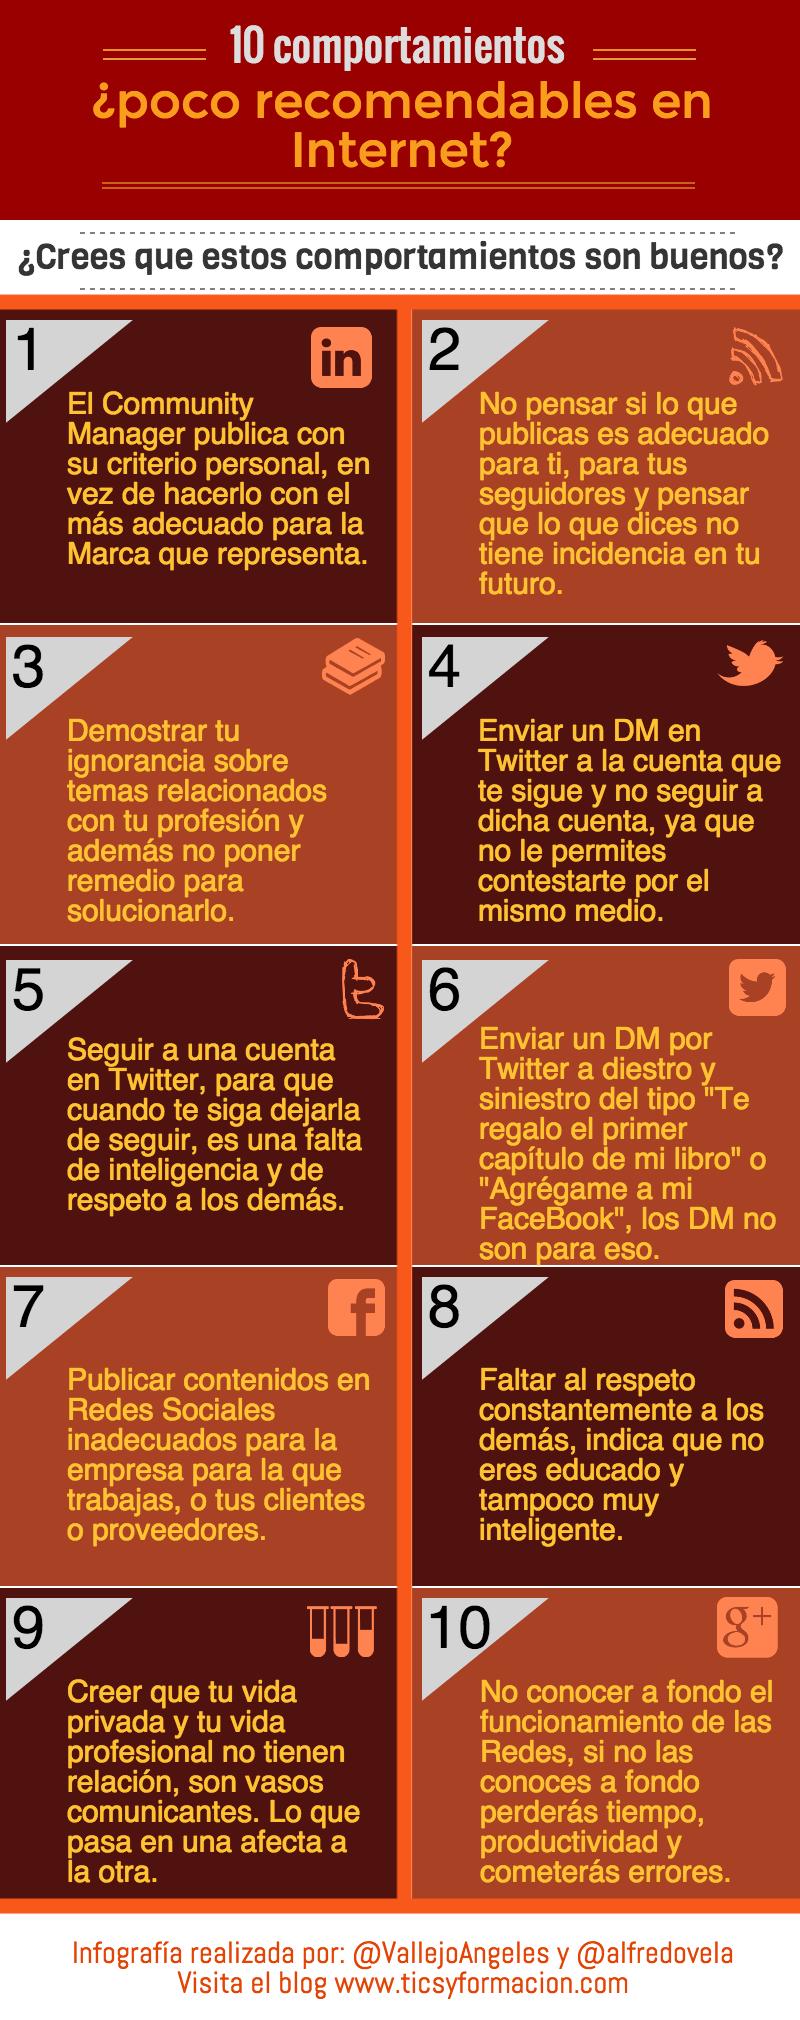 10 comportamientos poco recomendables en Redes Sociales